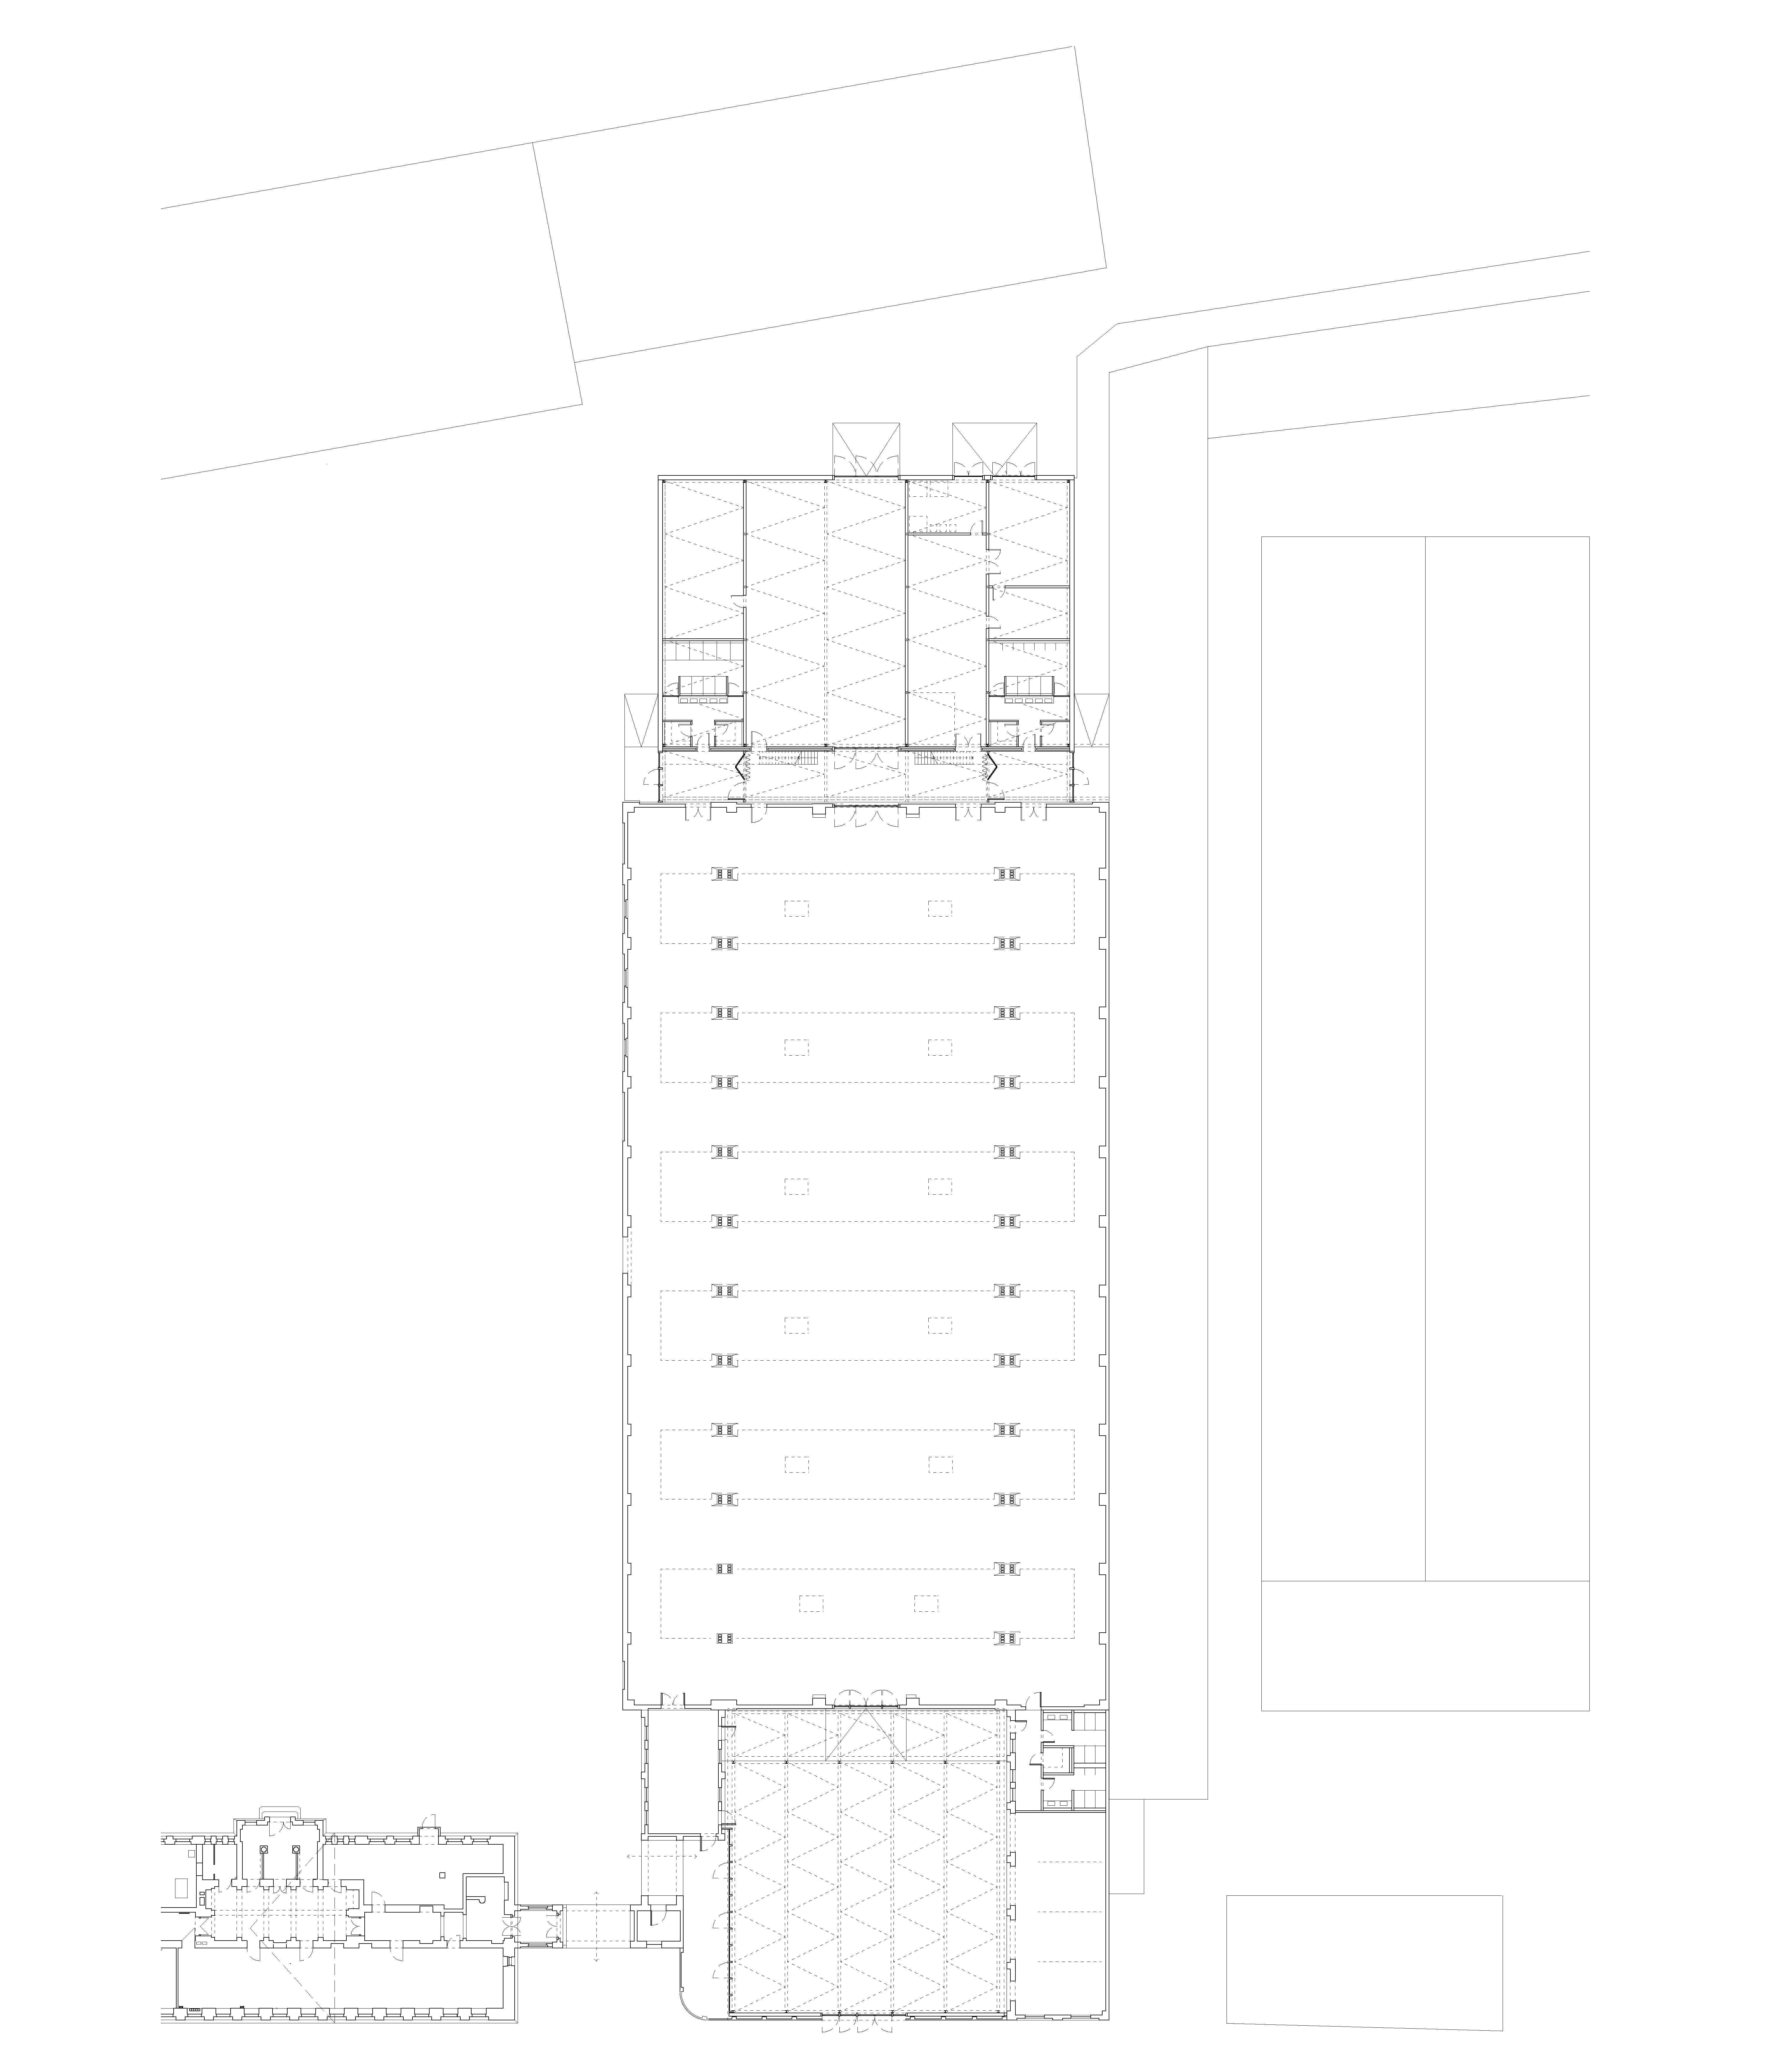 Rheinstahlhalle Grundriss Tanja Lincke Architekten